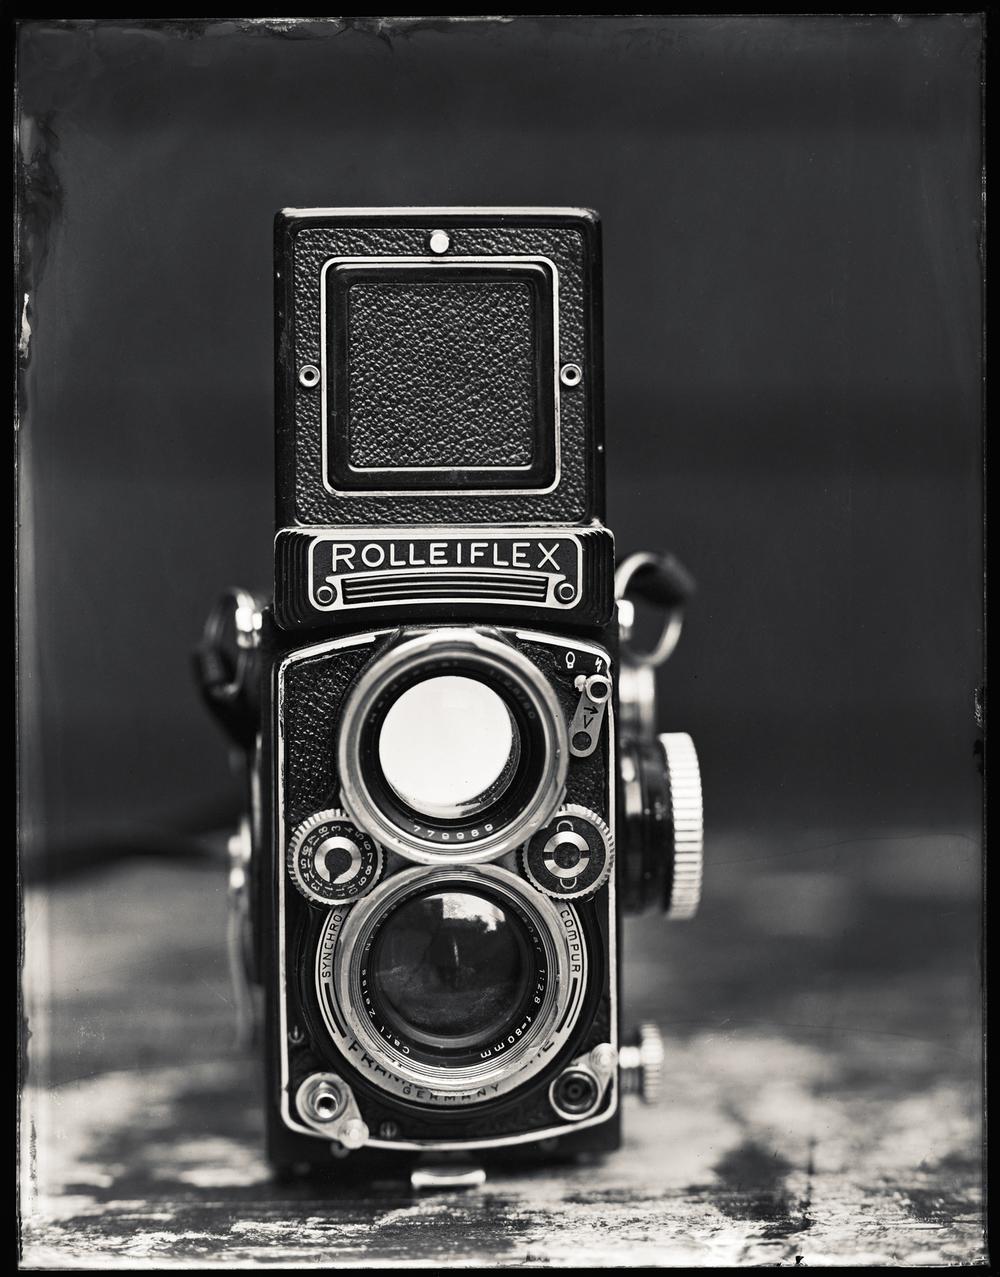 Rolleiflex Twin Lens